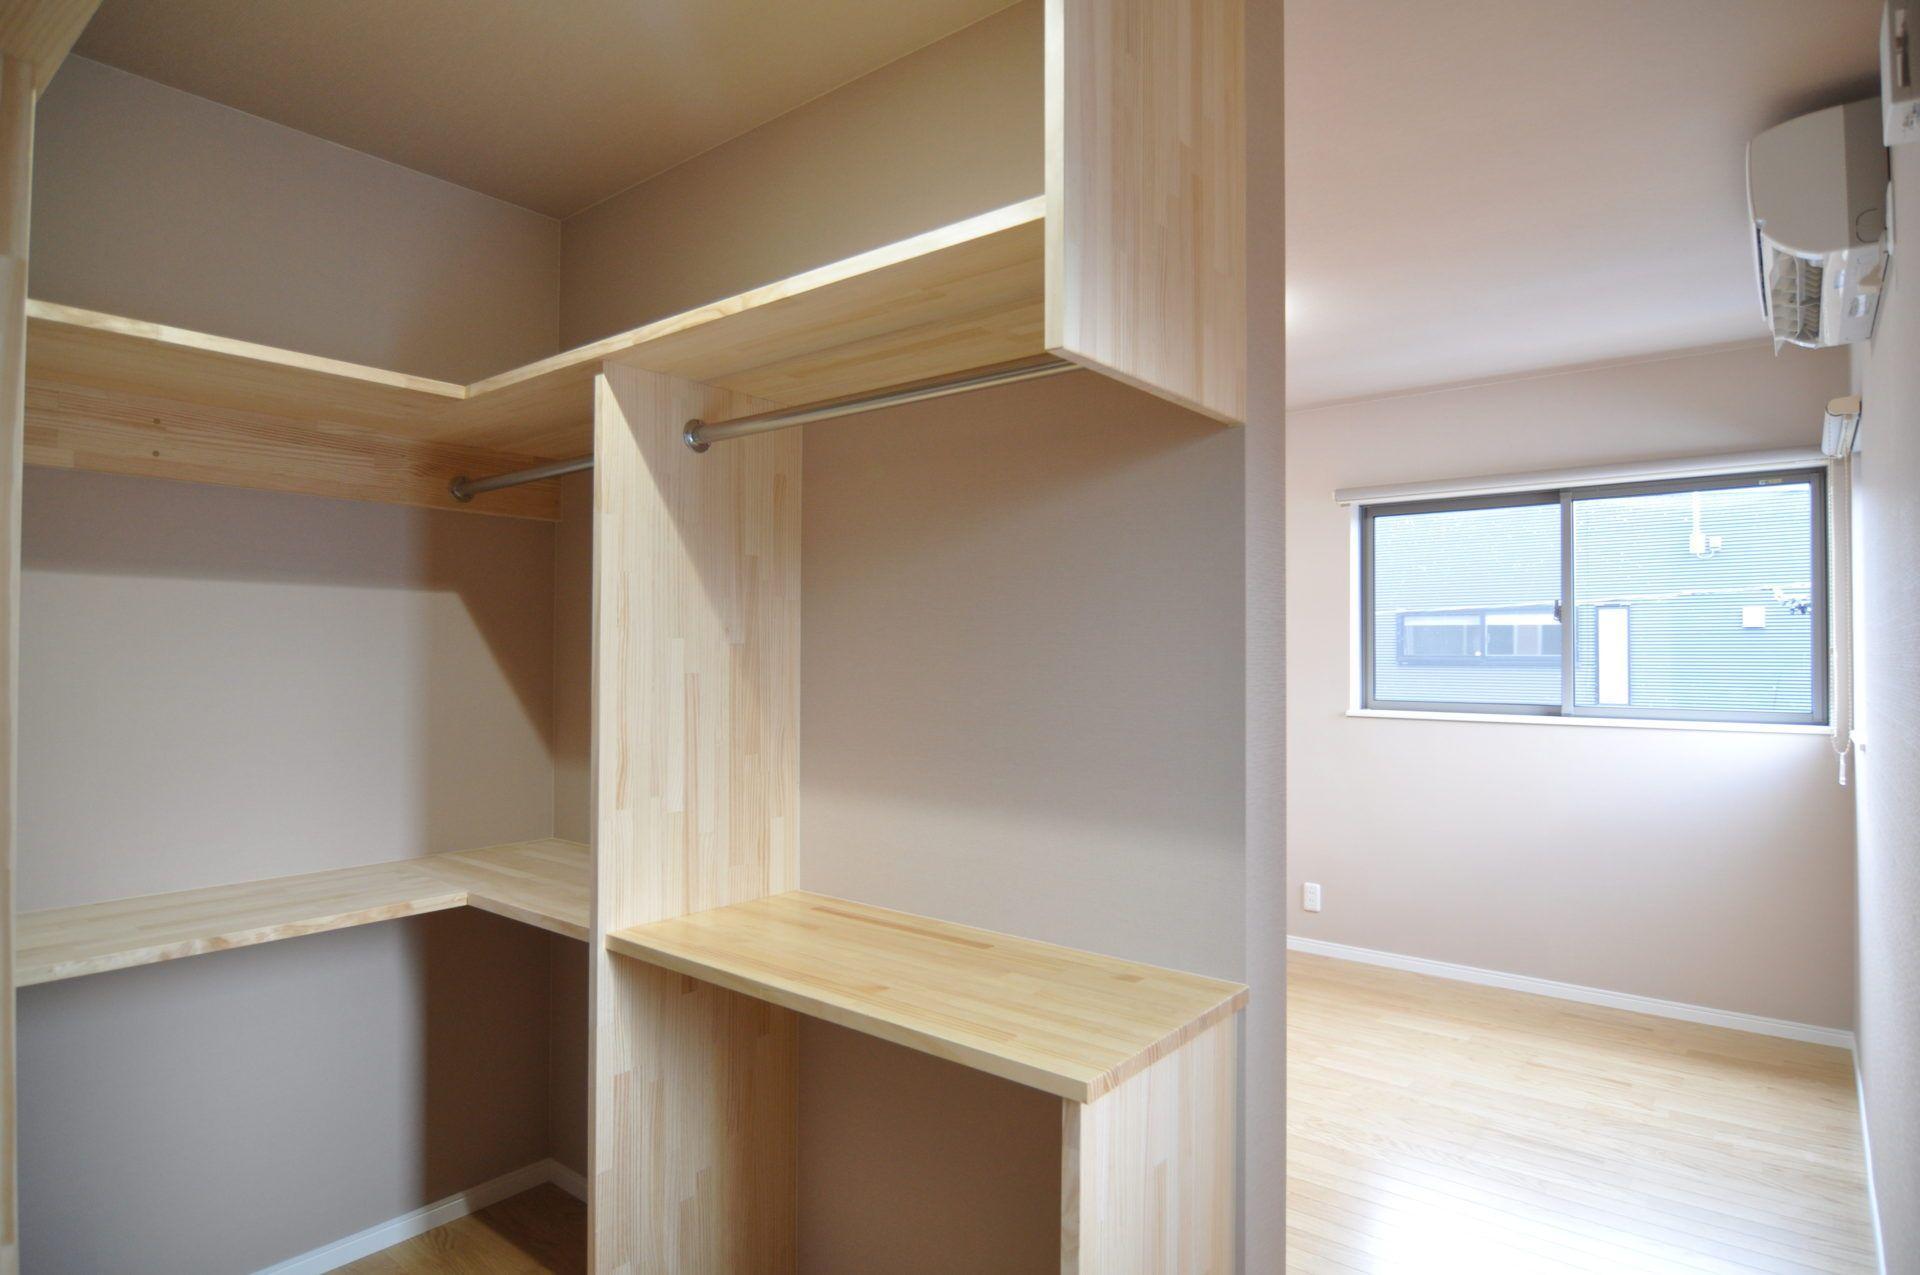 有限会社 市川建築店 1級建築士事務所「三条市 K様邸」のシンプル・ナチュラルな廊下の実例写真